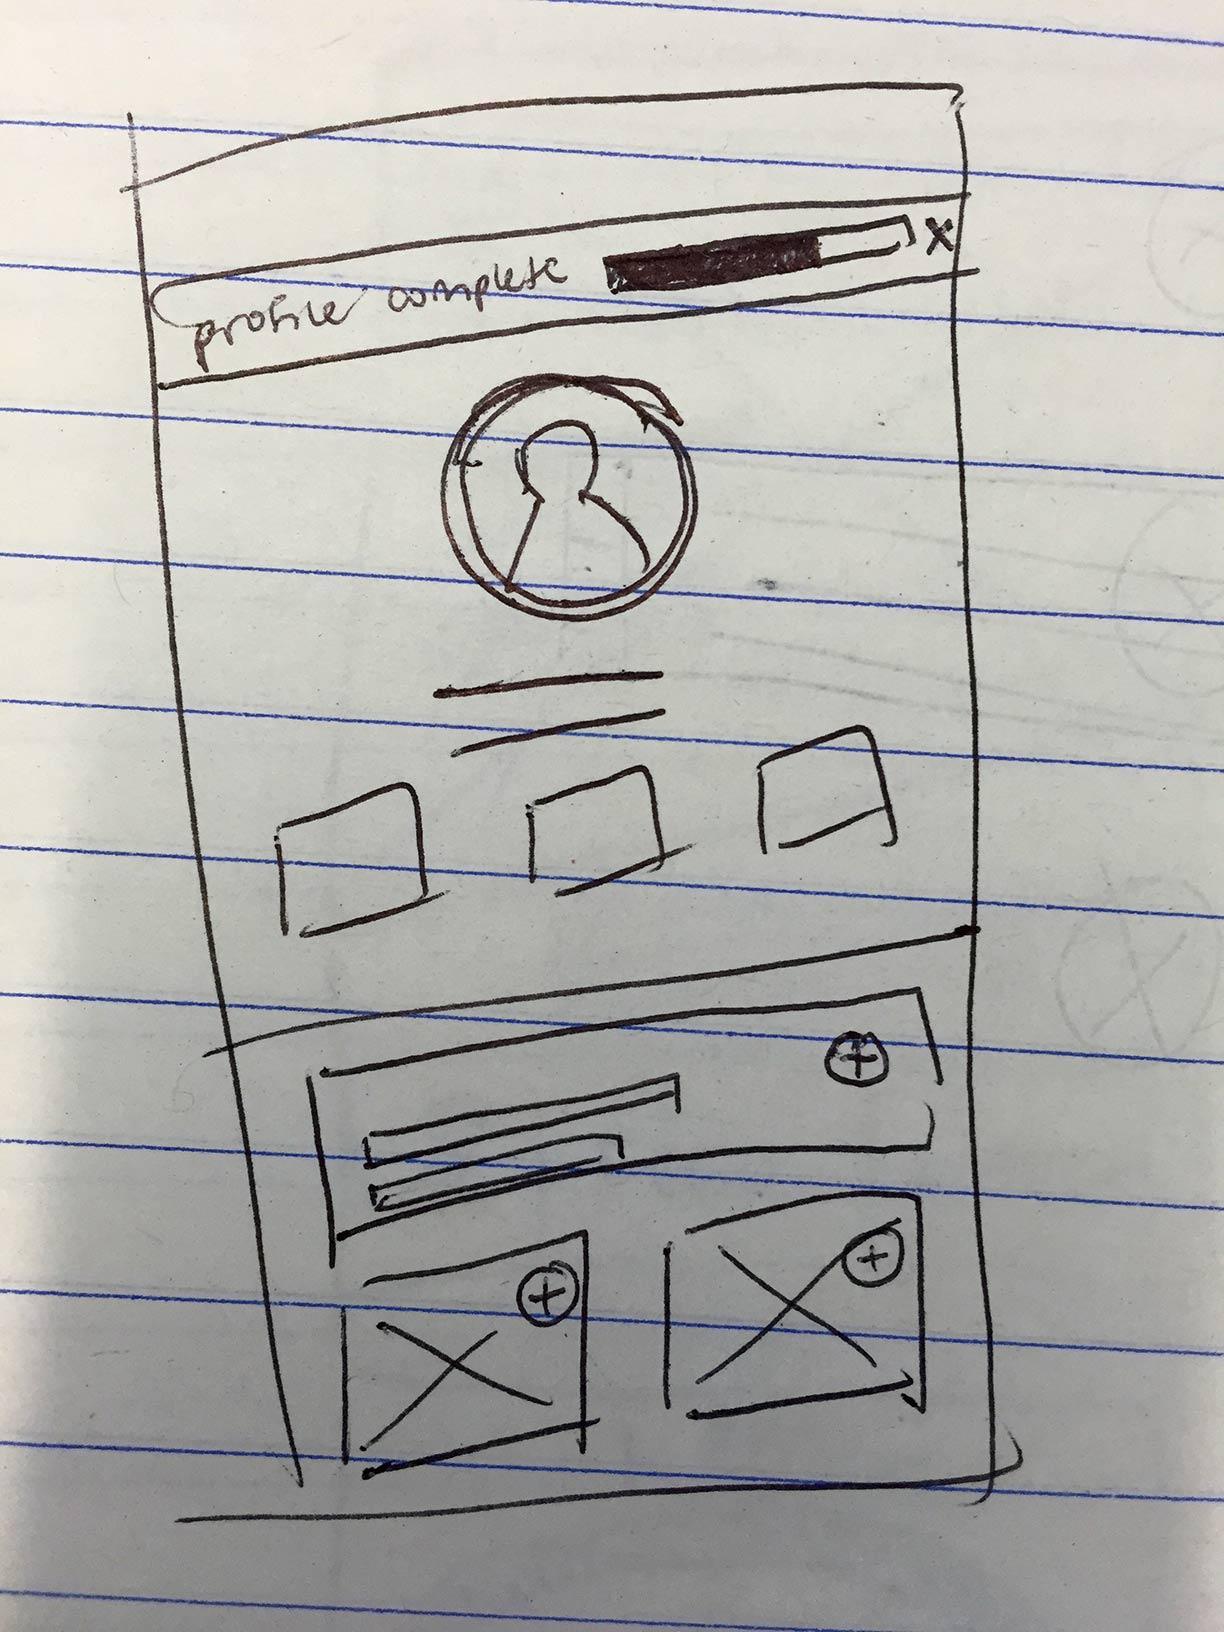 app-sketch1-2.jpg